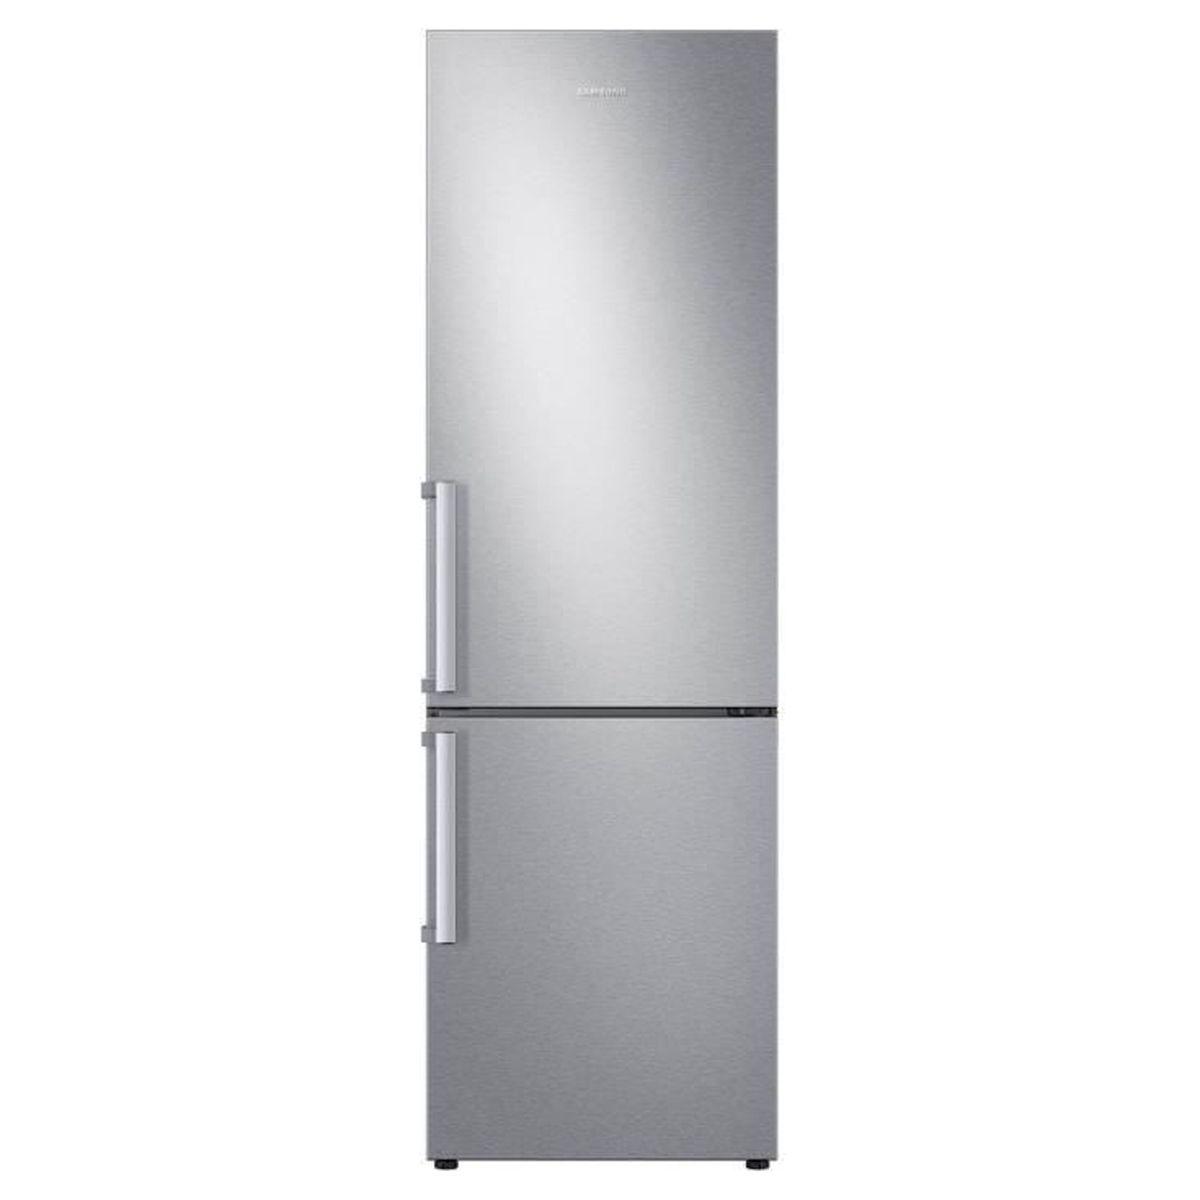 Réfrigérateur combiné RL36T620ESA, 360 L, Froid ventilé